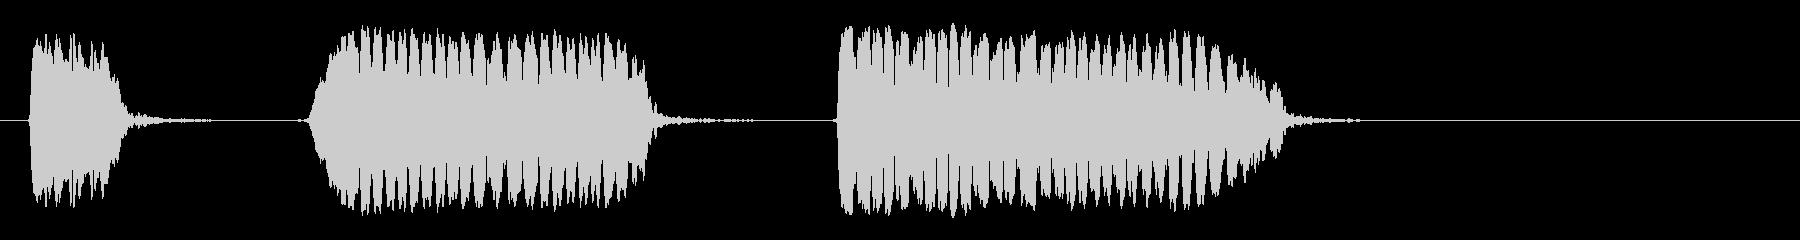 スリークイックパニックブローズ、フォリーの未再生の波形